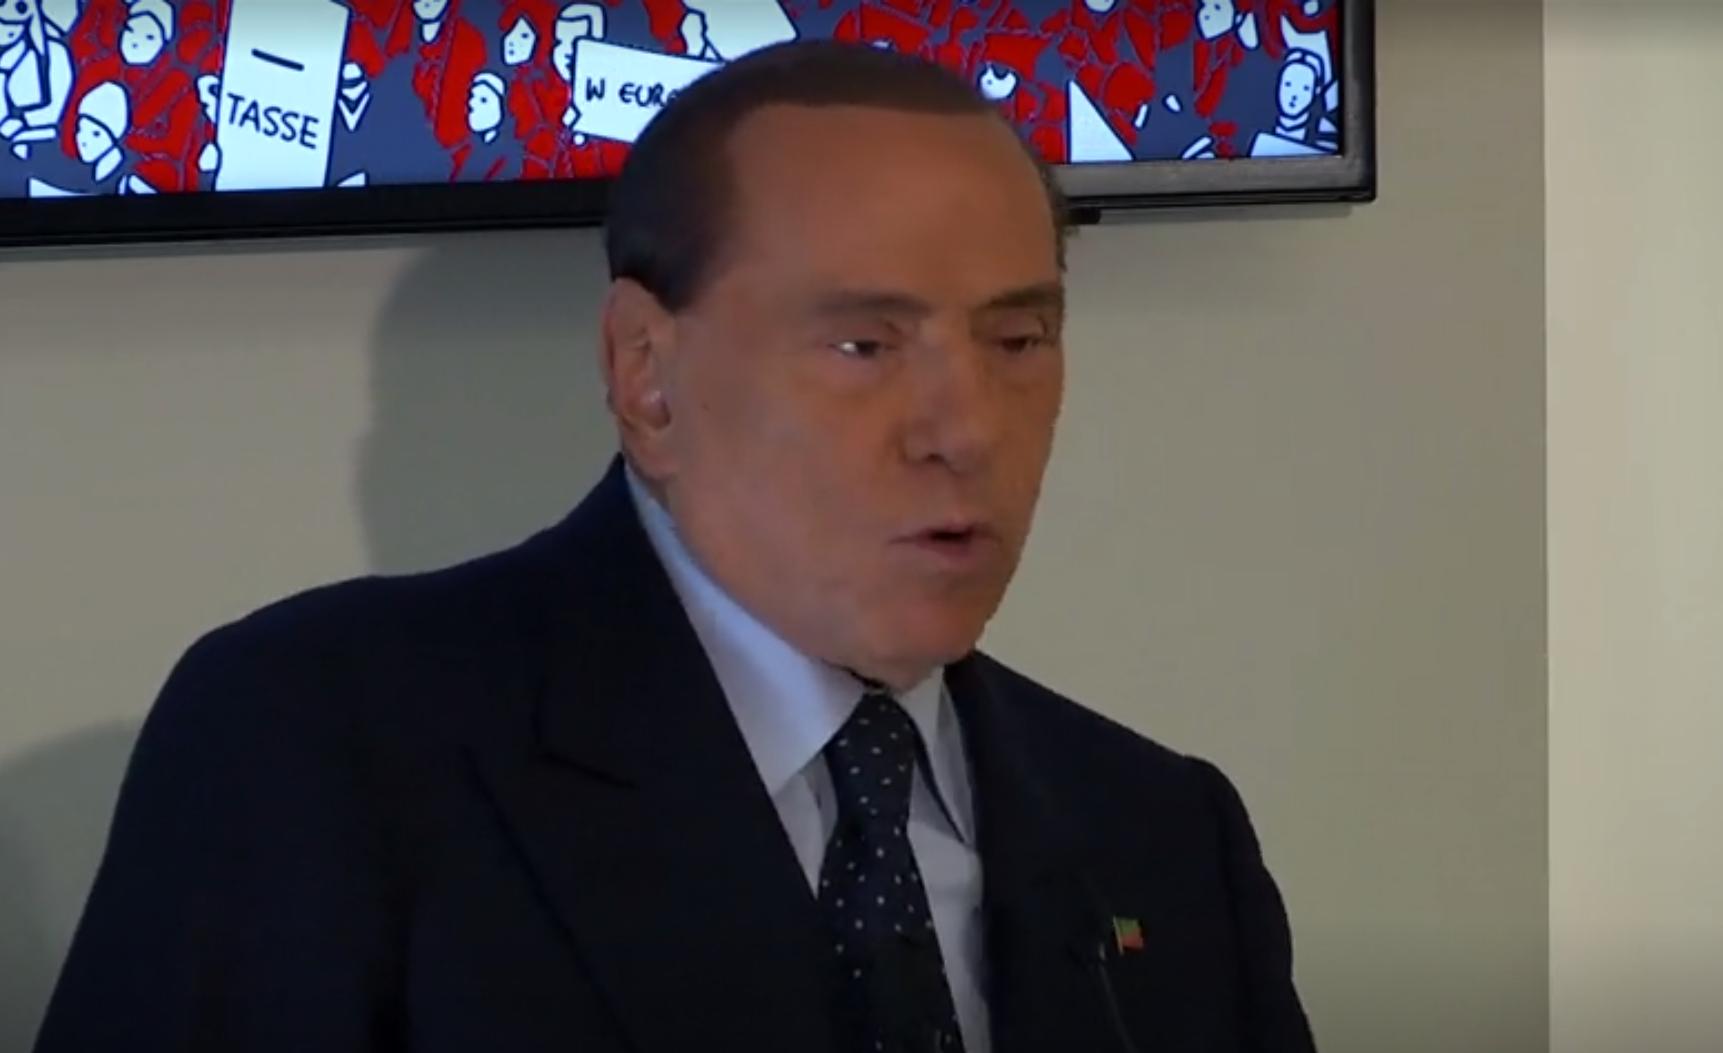 O ex-premiê italiano Silvio Berlusconi